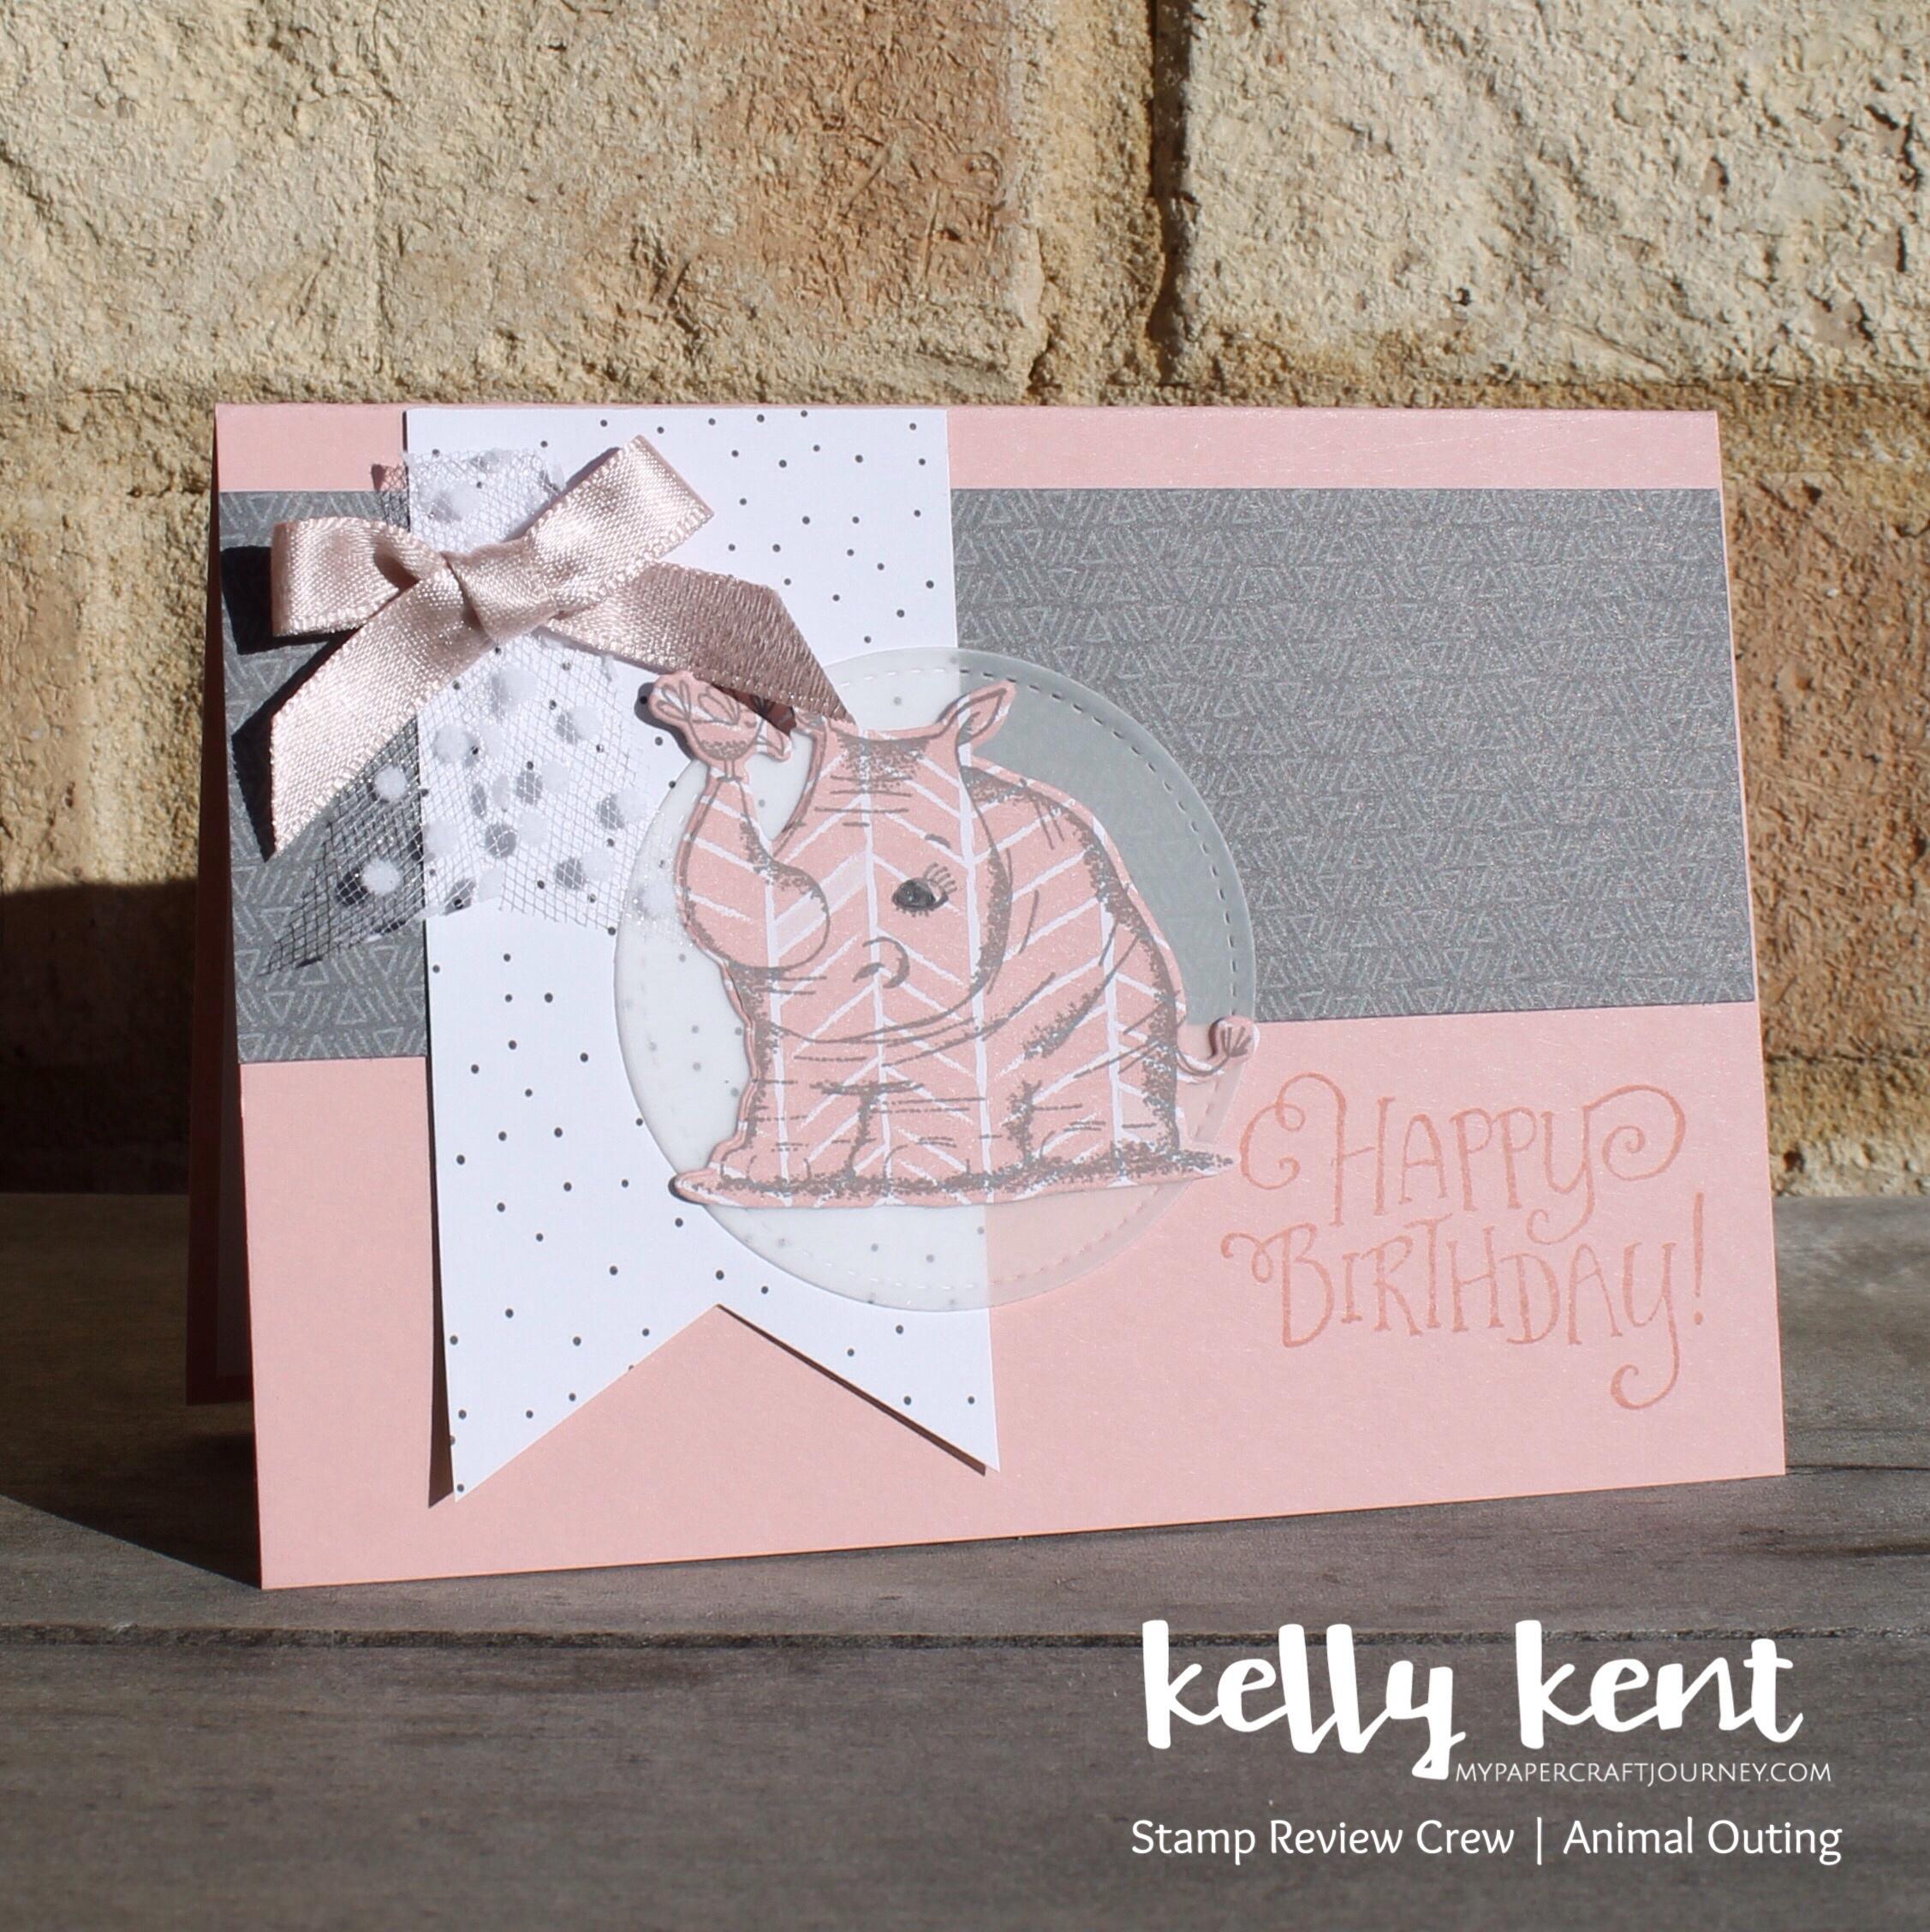 Animal Outing | kelly kent